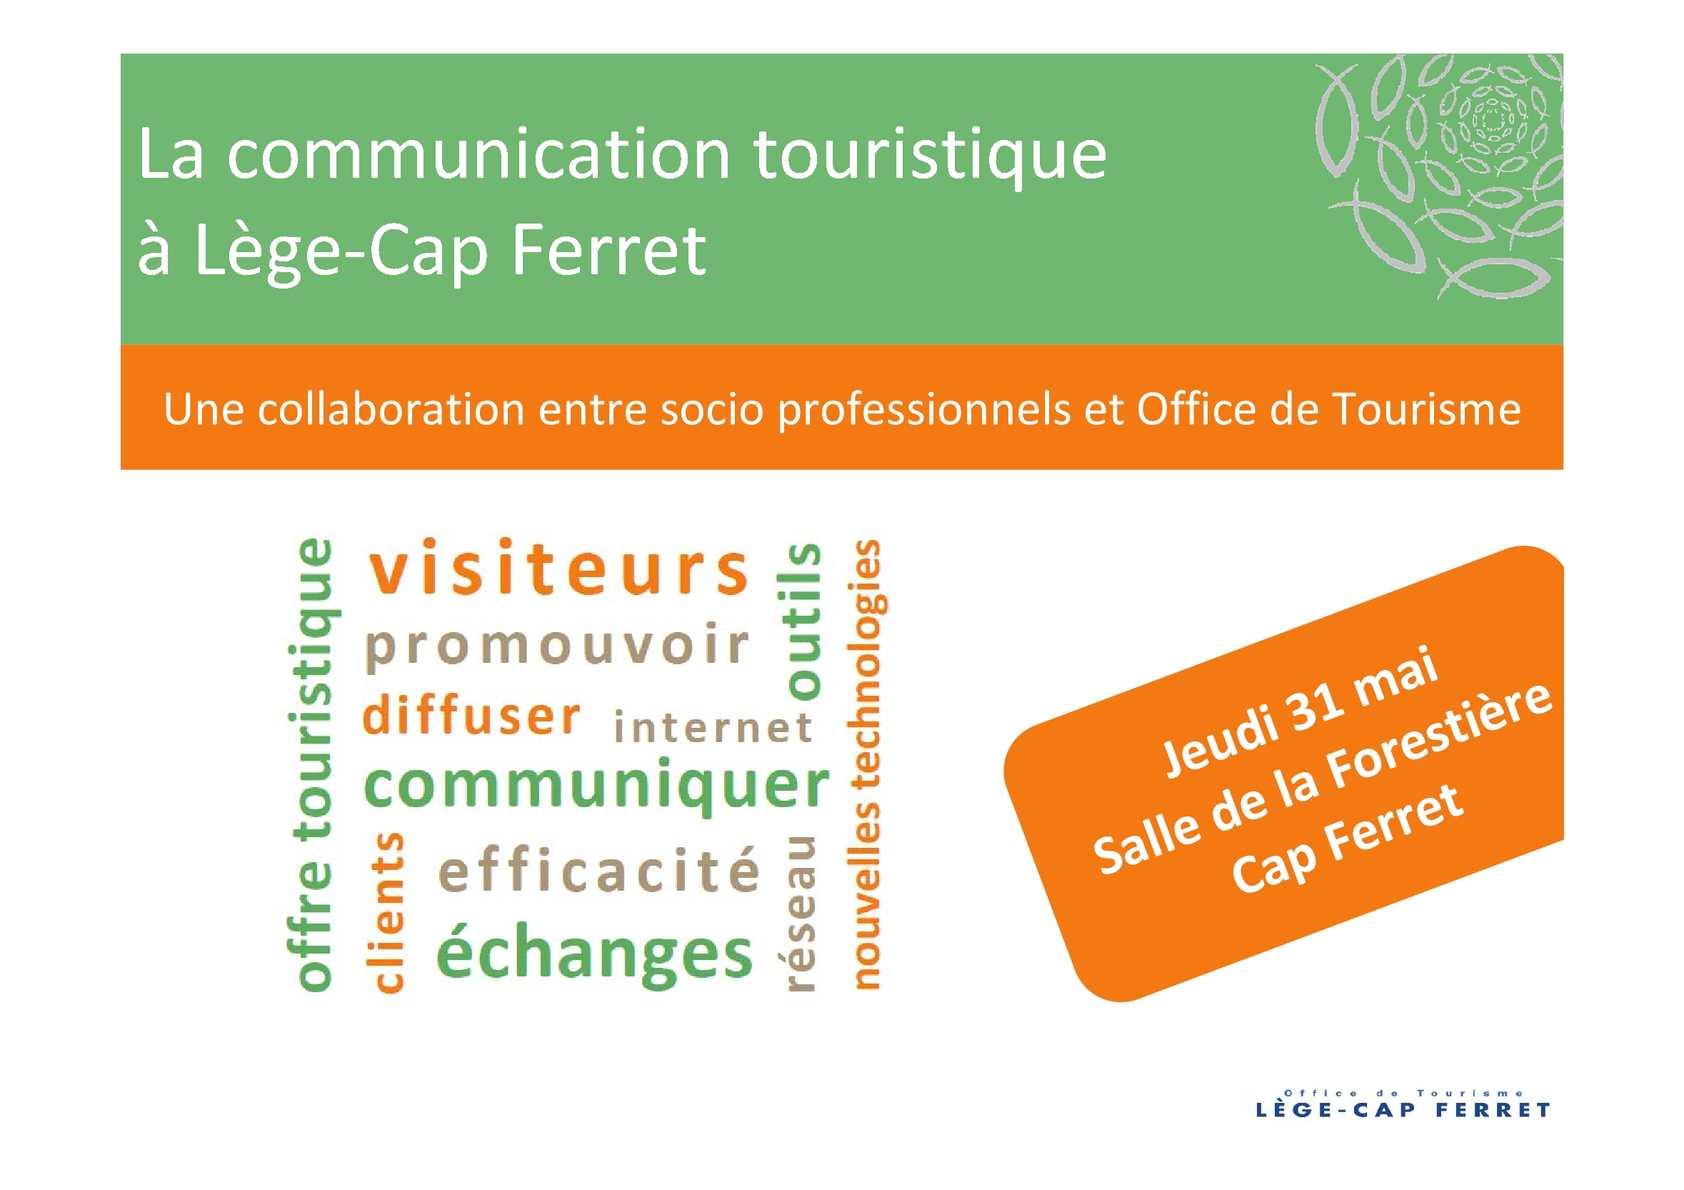 Calam o la communication touristique l ge cap ferret 31 mai 2012 - Cap ferret office de tourisme ...